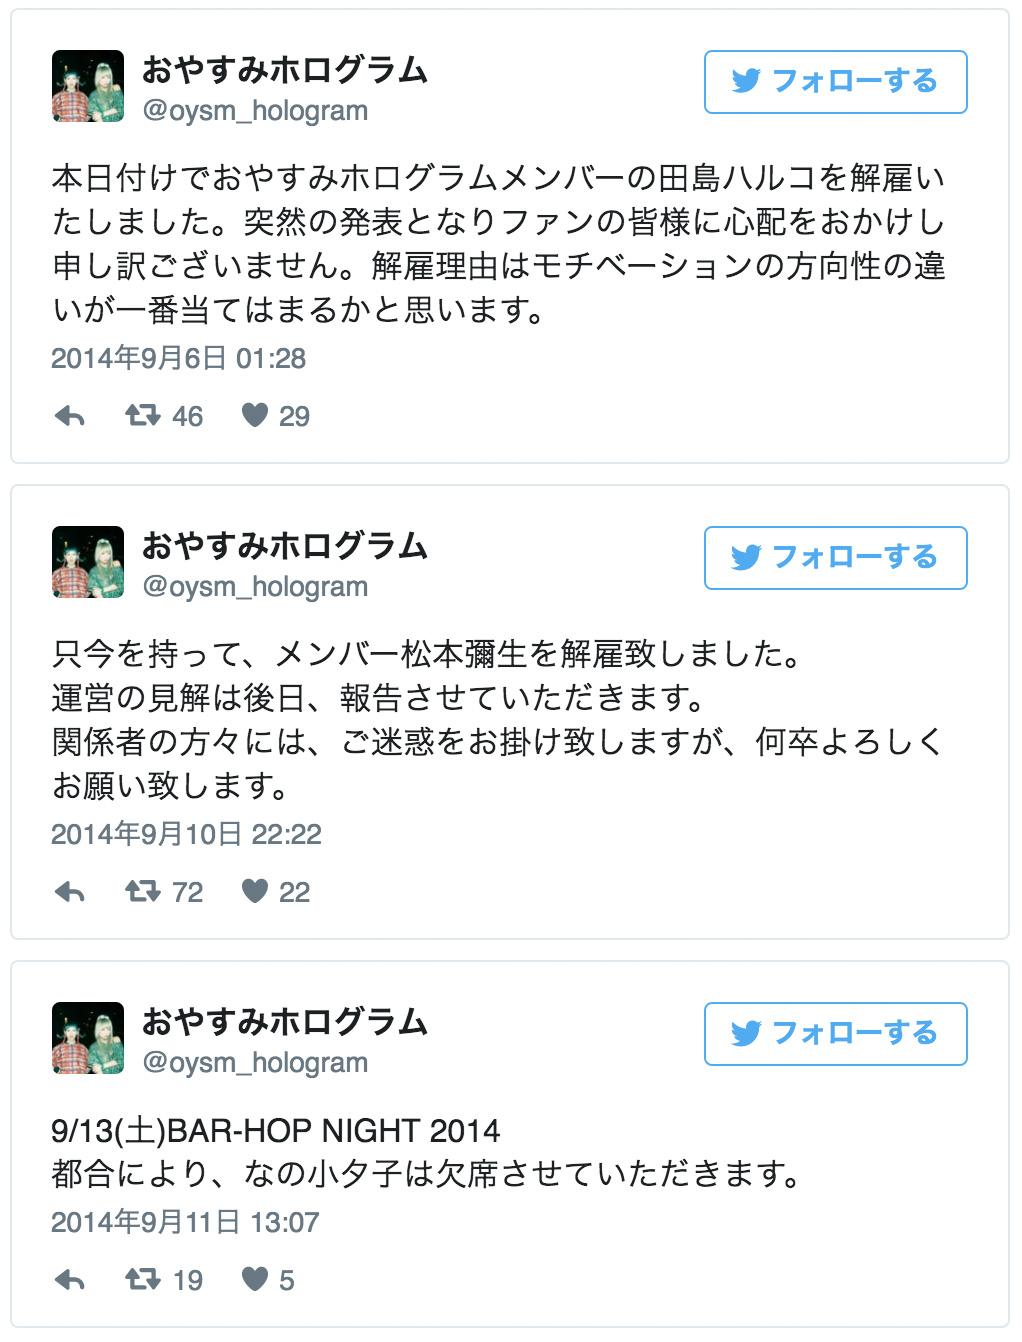 田島ハルコ(元おやすみホログラム)の本名や彼氏は?フスiDが話題!